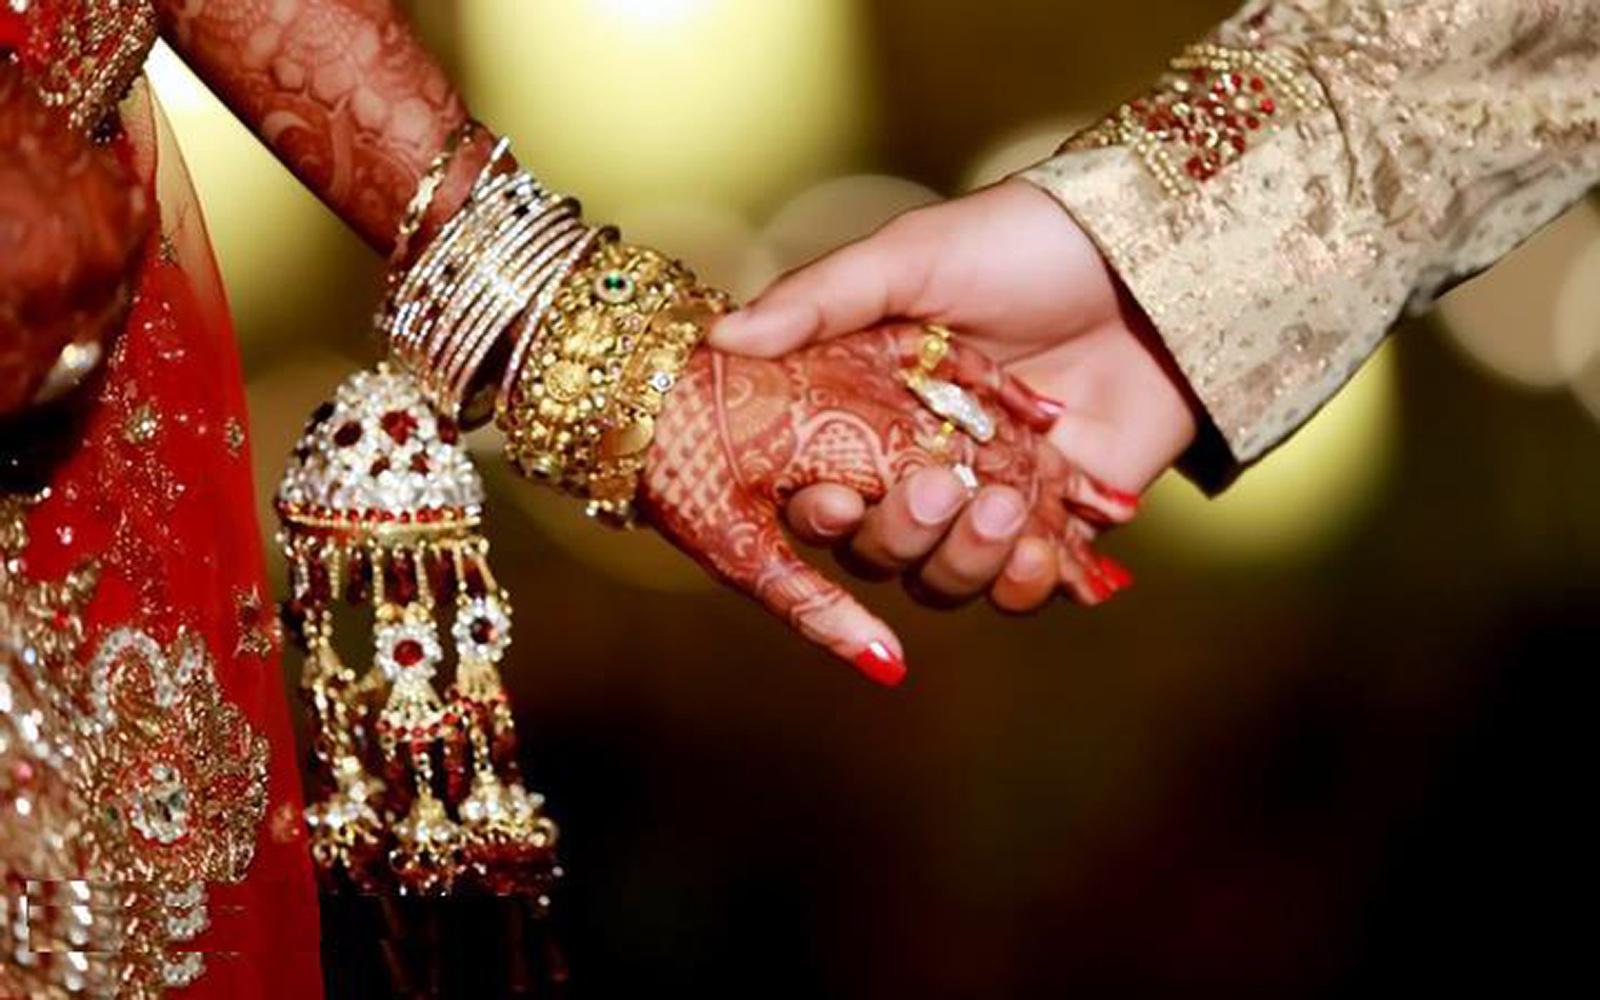 RBI ने दी शादी वाले परिवारों को यह राहत